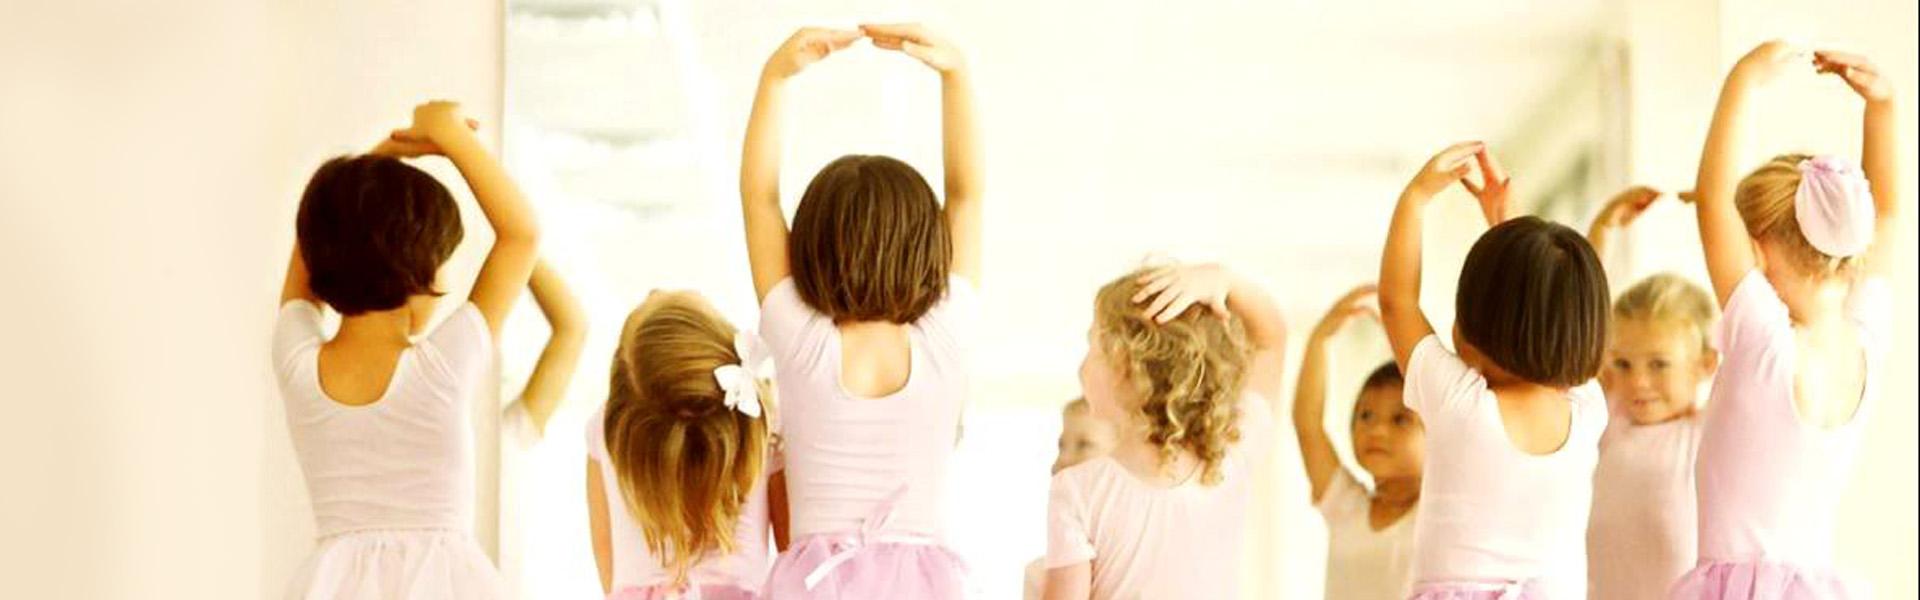 Balet - grupa 3-4 latków